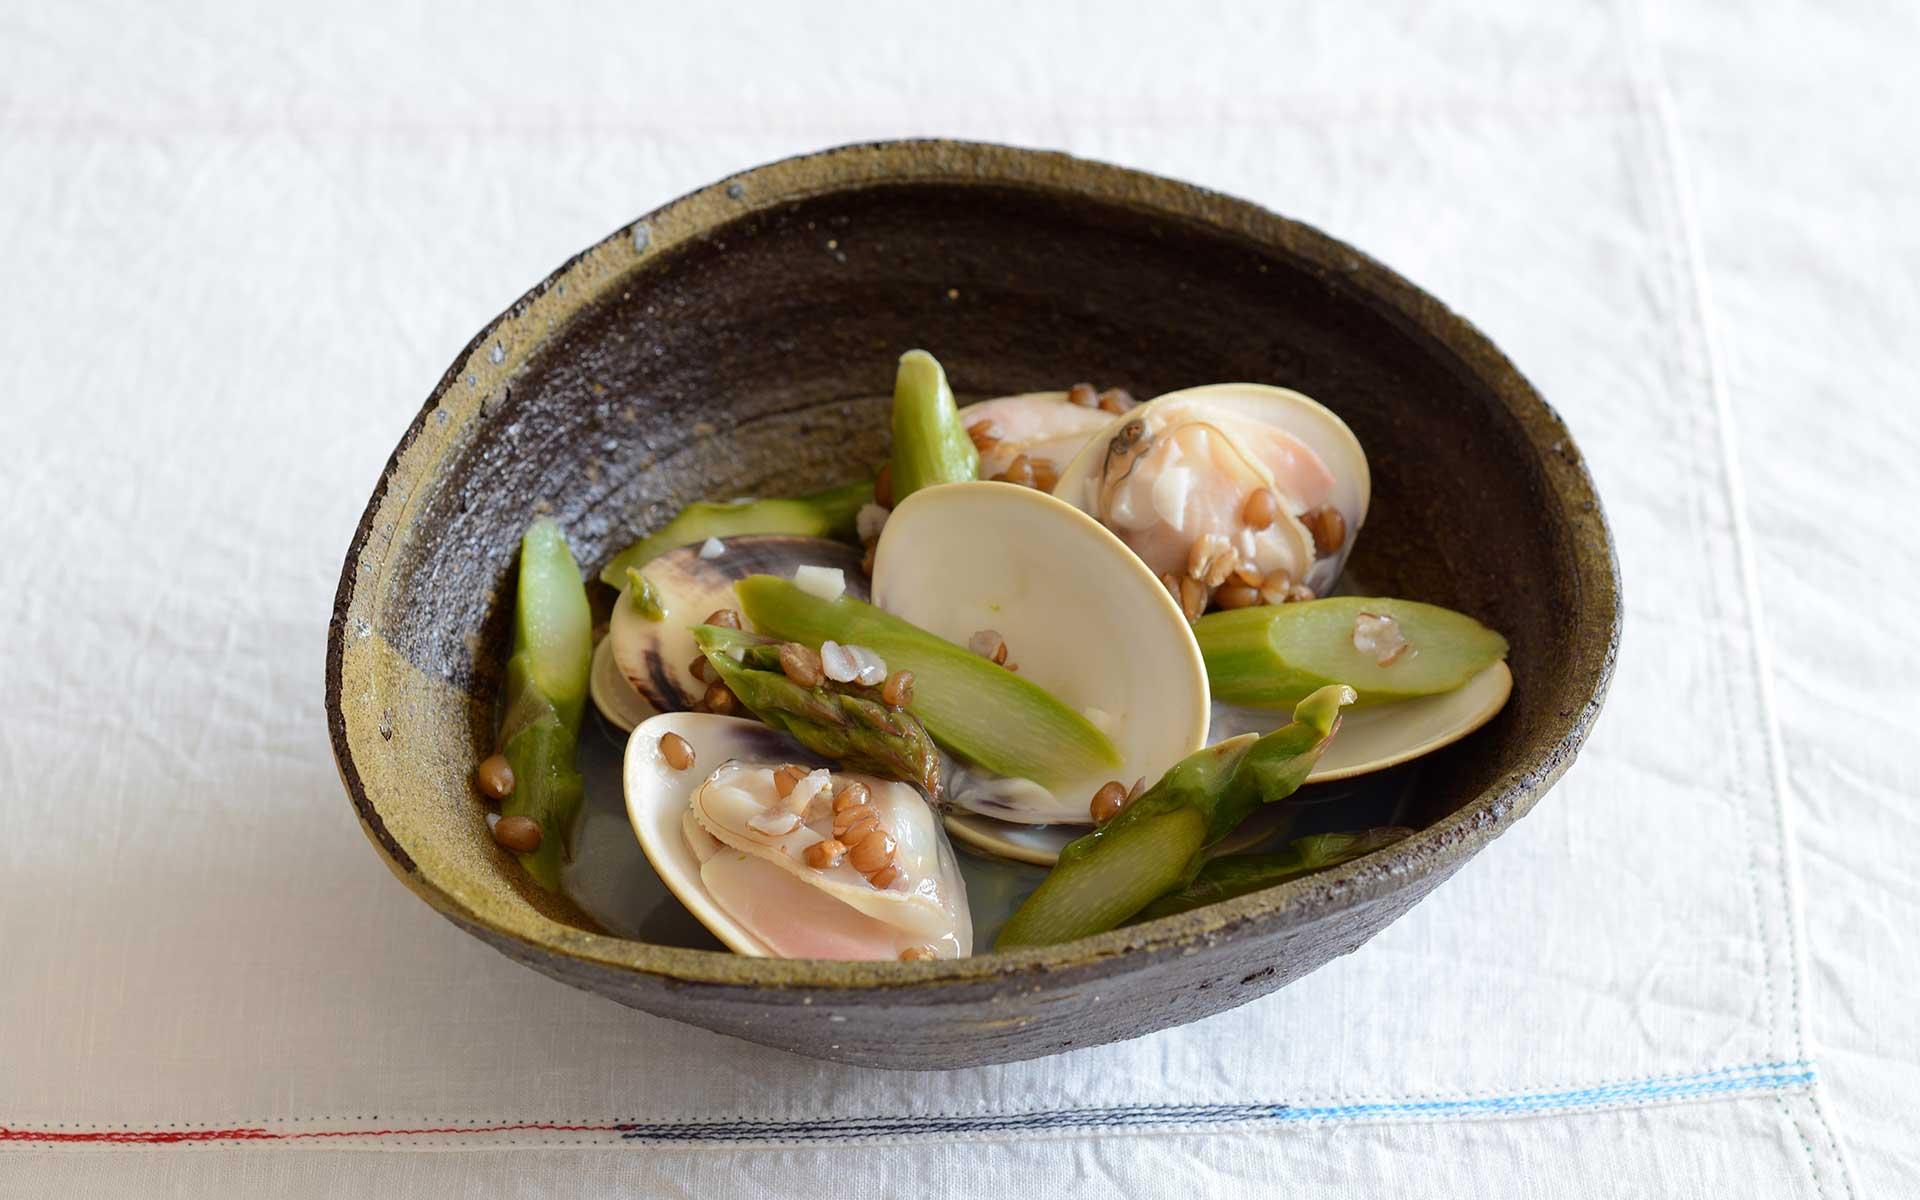 みんげいおくむらの奥村さんが作る料理、沖縄の南蛮に盛り付け